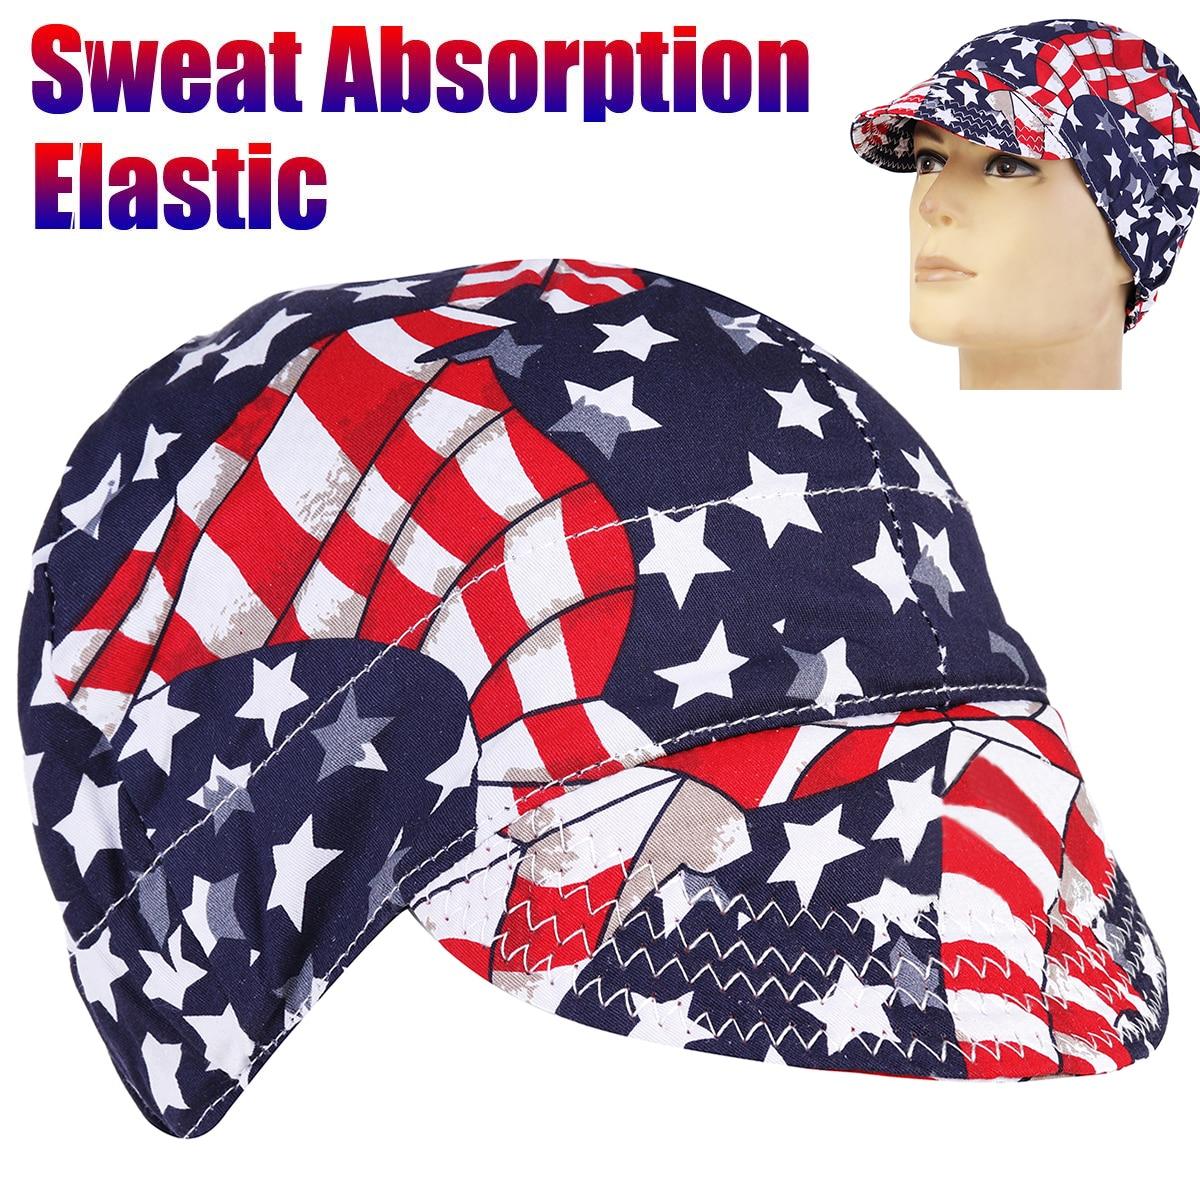 c2c6d60dc68 Cotton Welding Cap Hat Welders Retardant Cotton Helmet Adjustable  Application to Welding Safety Protective Welding Helmet